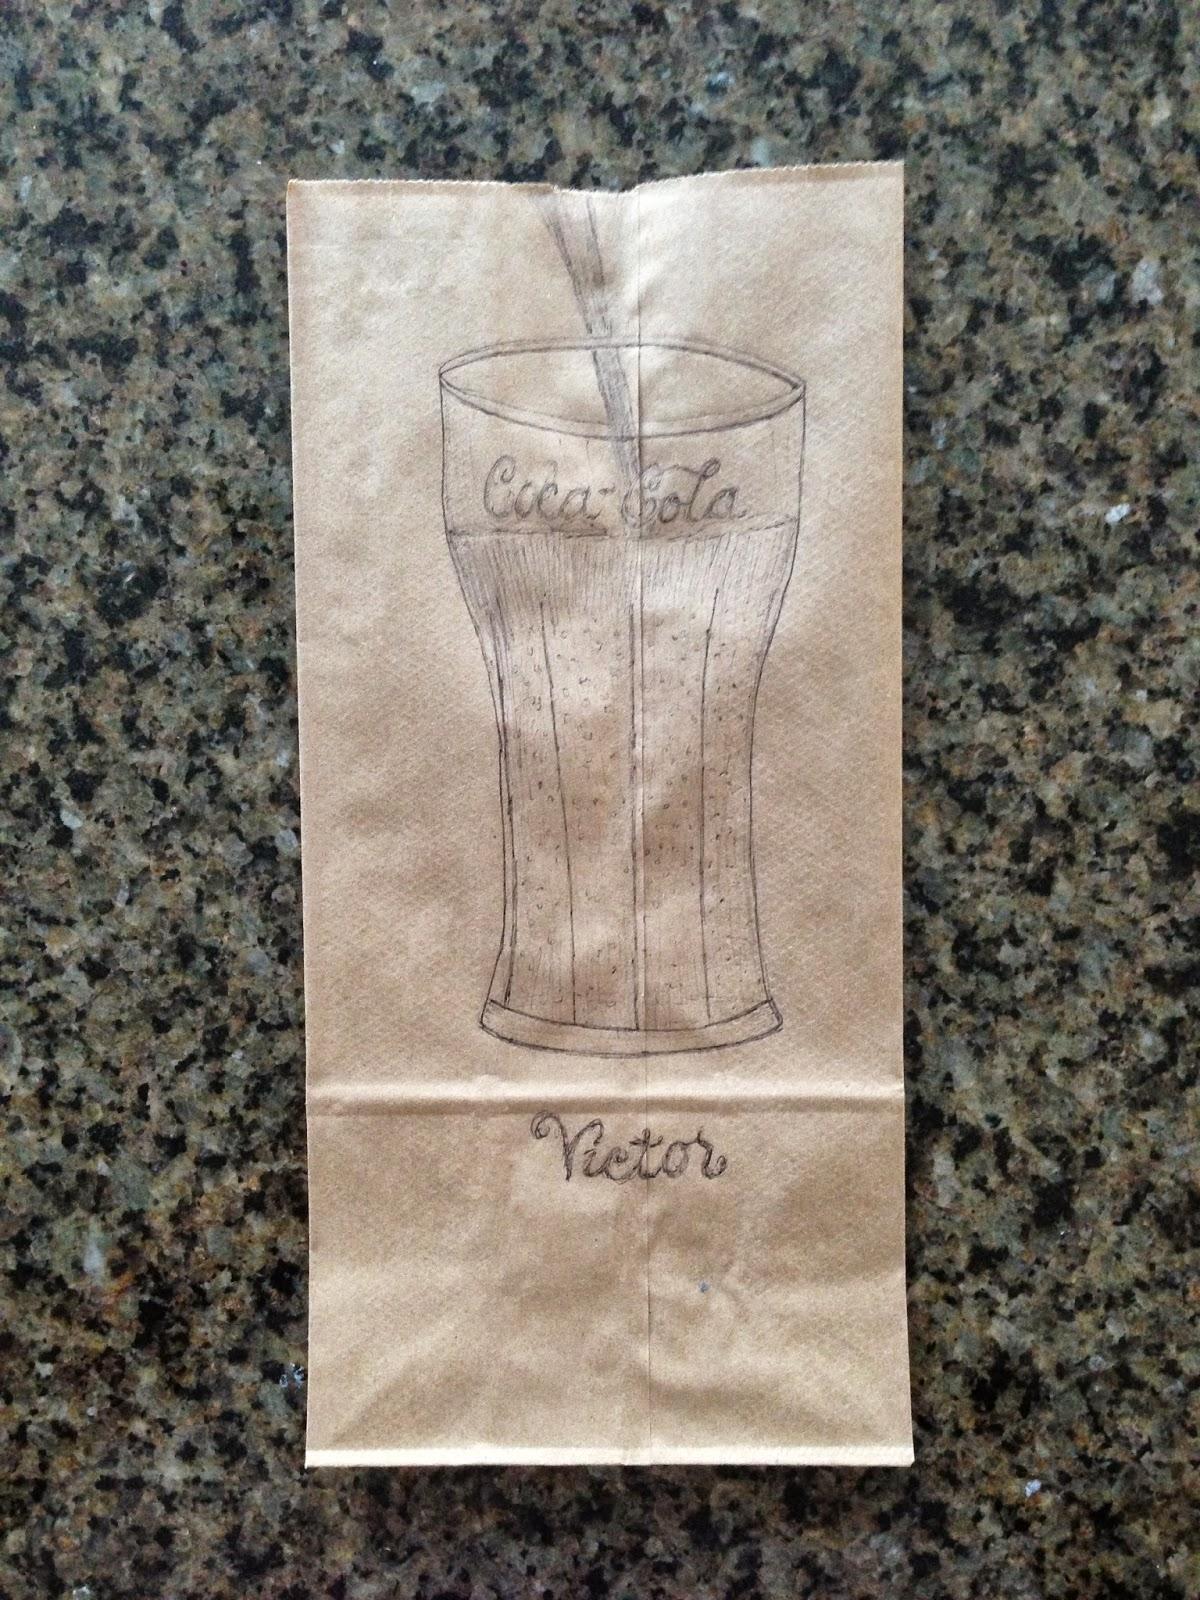 Classic Glass of Coca-Cola